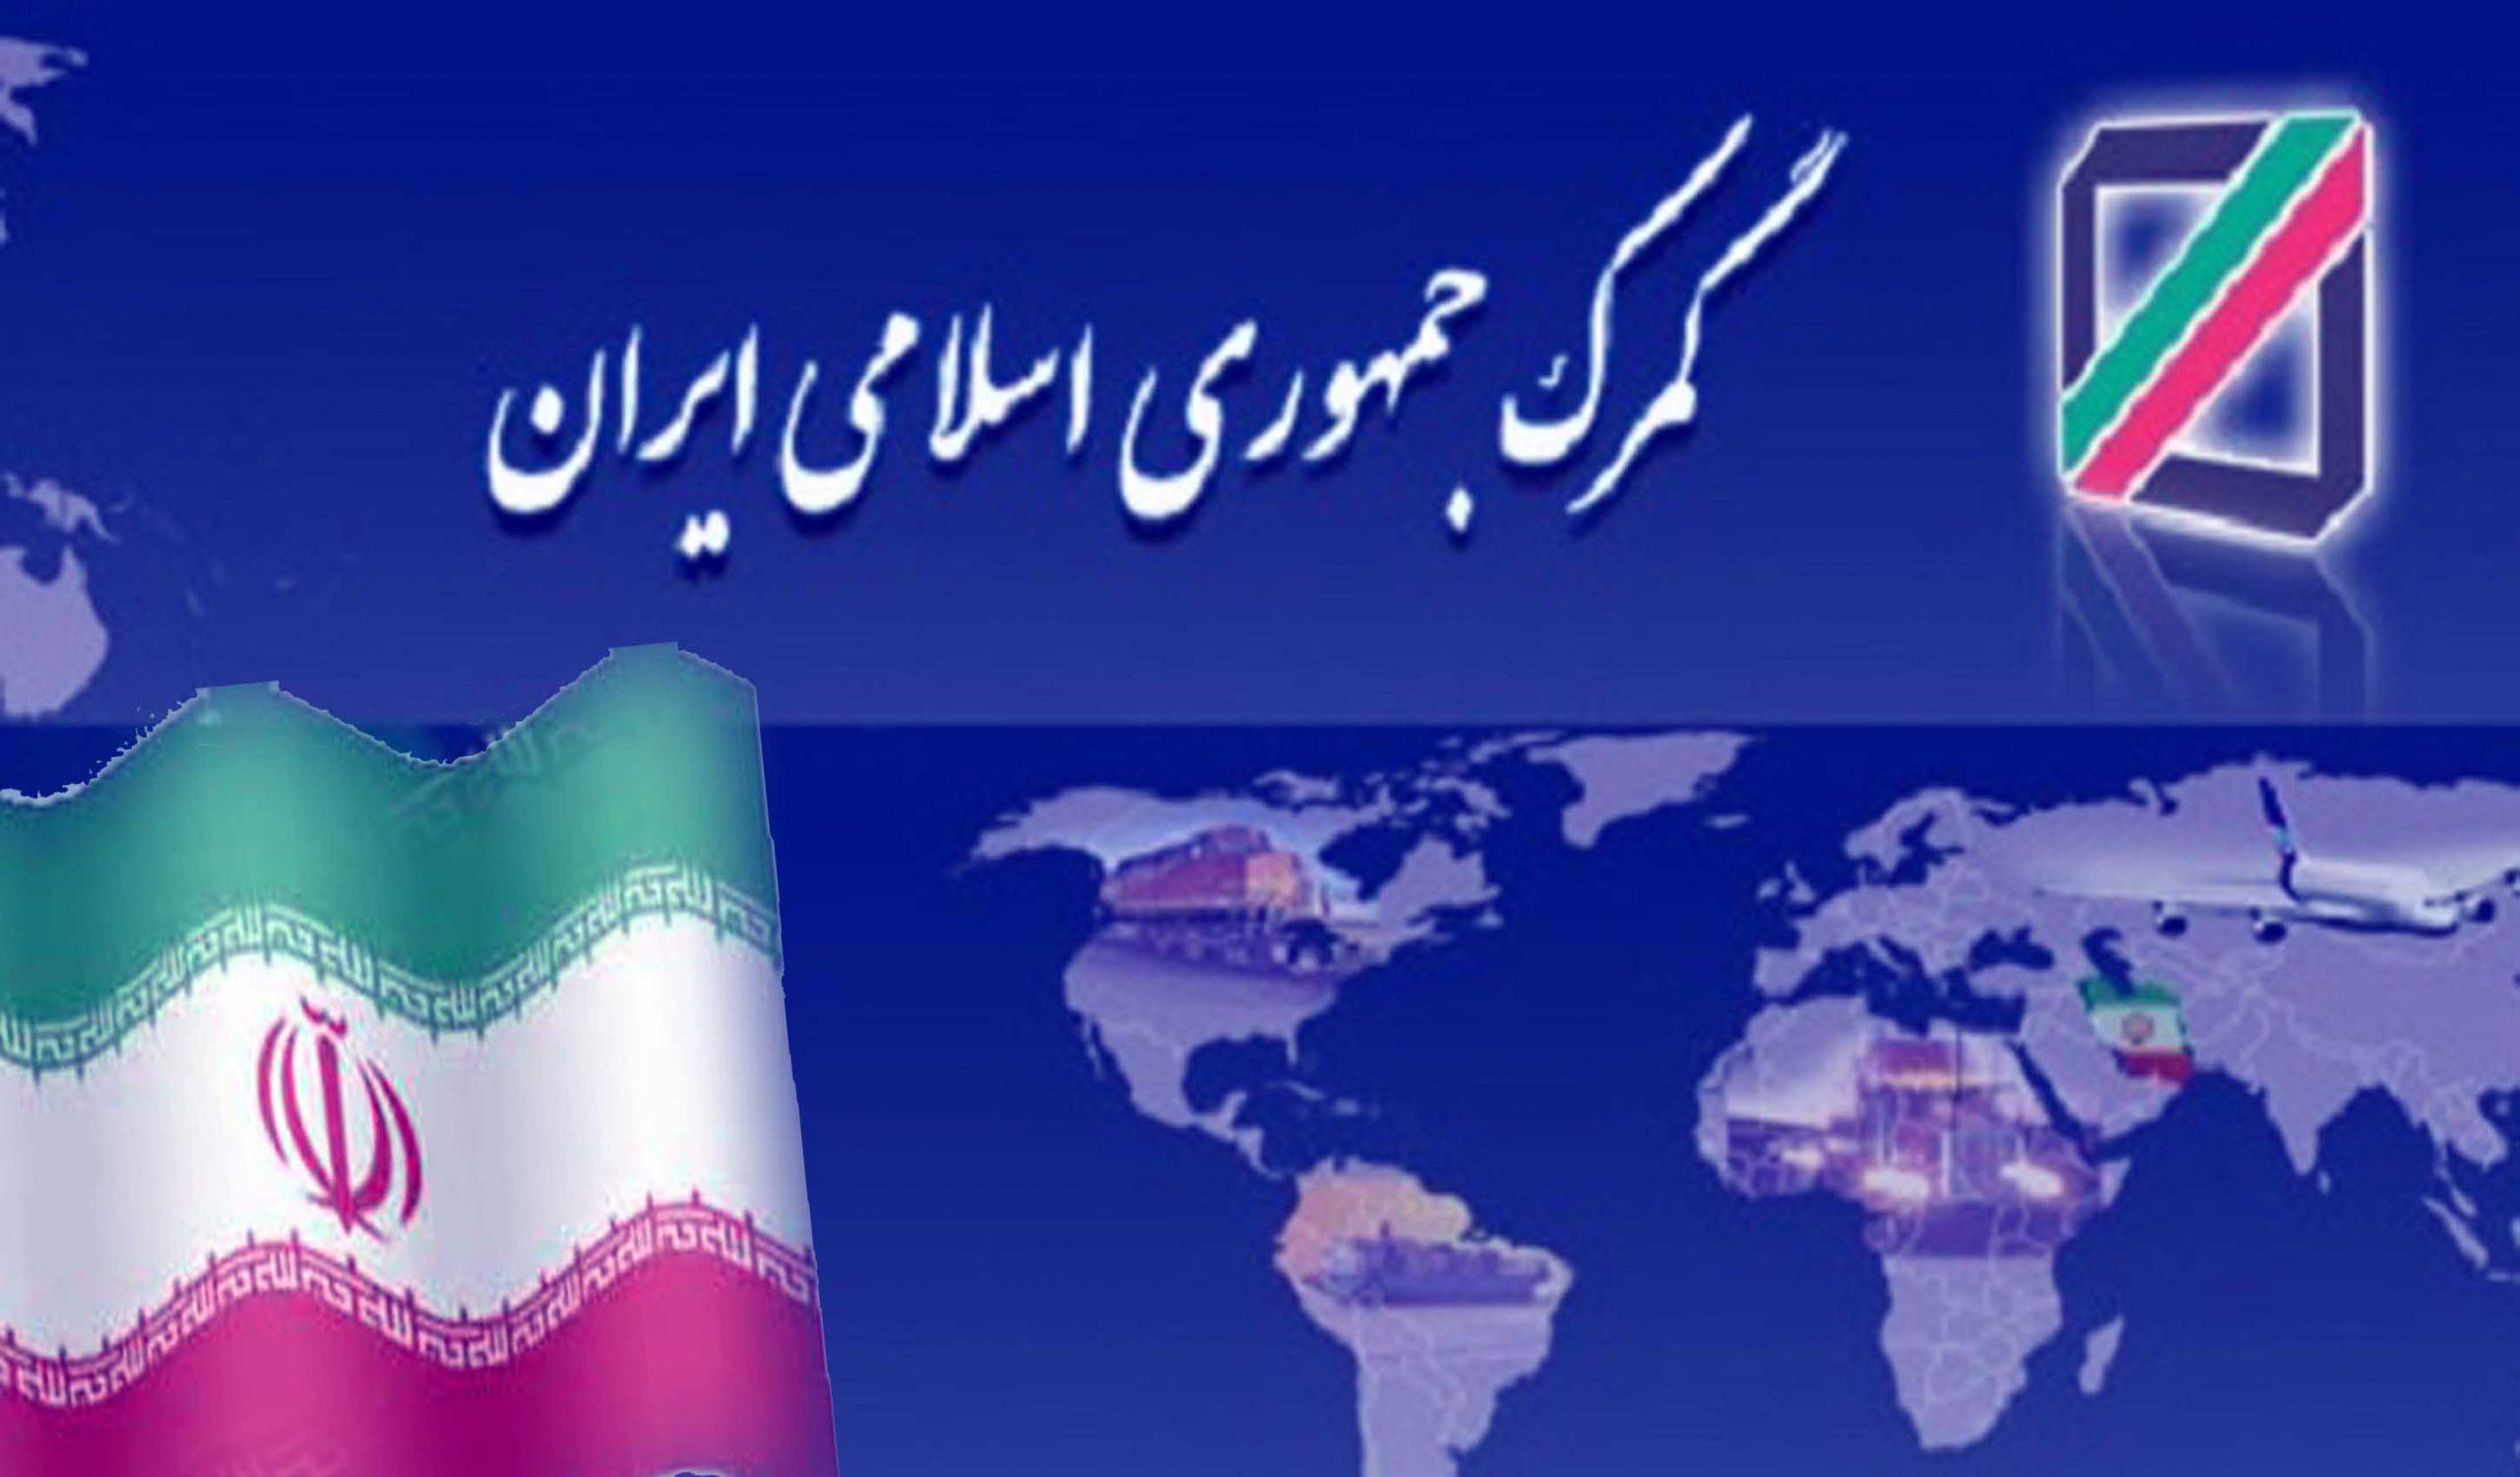 دستورالعمل ۱۶ بندی گمرک ایران برای ترخیص سریع کالاهای اساسی